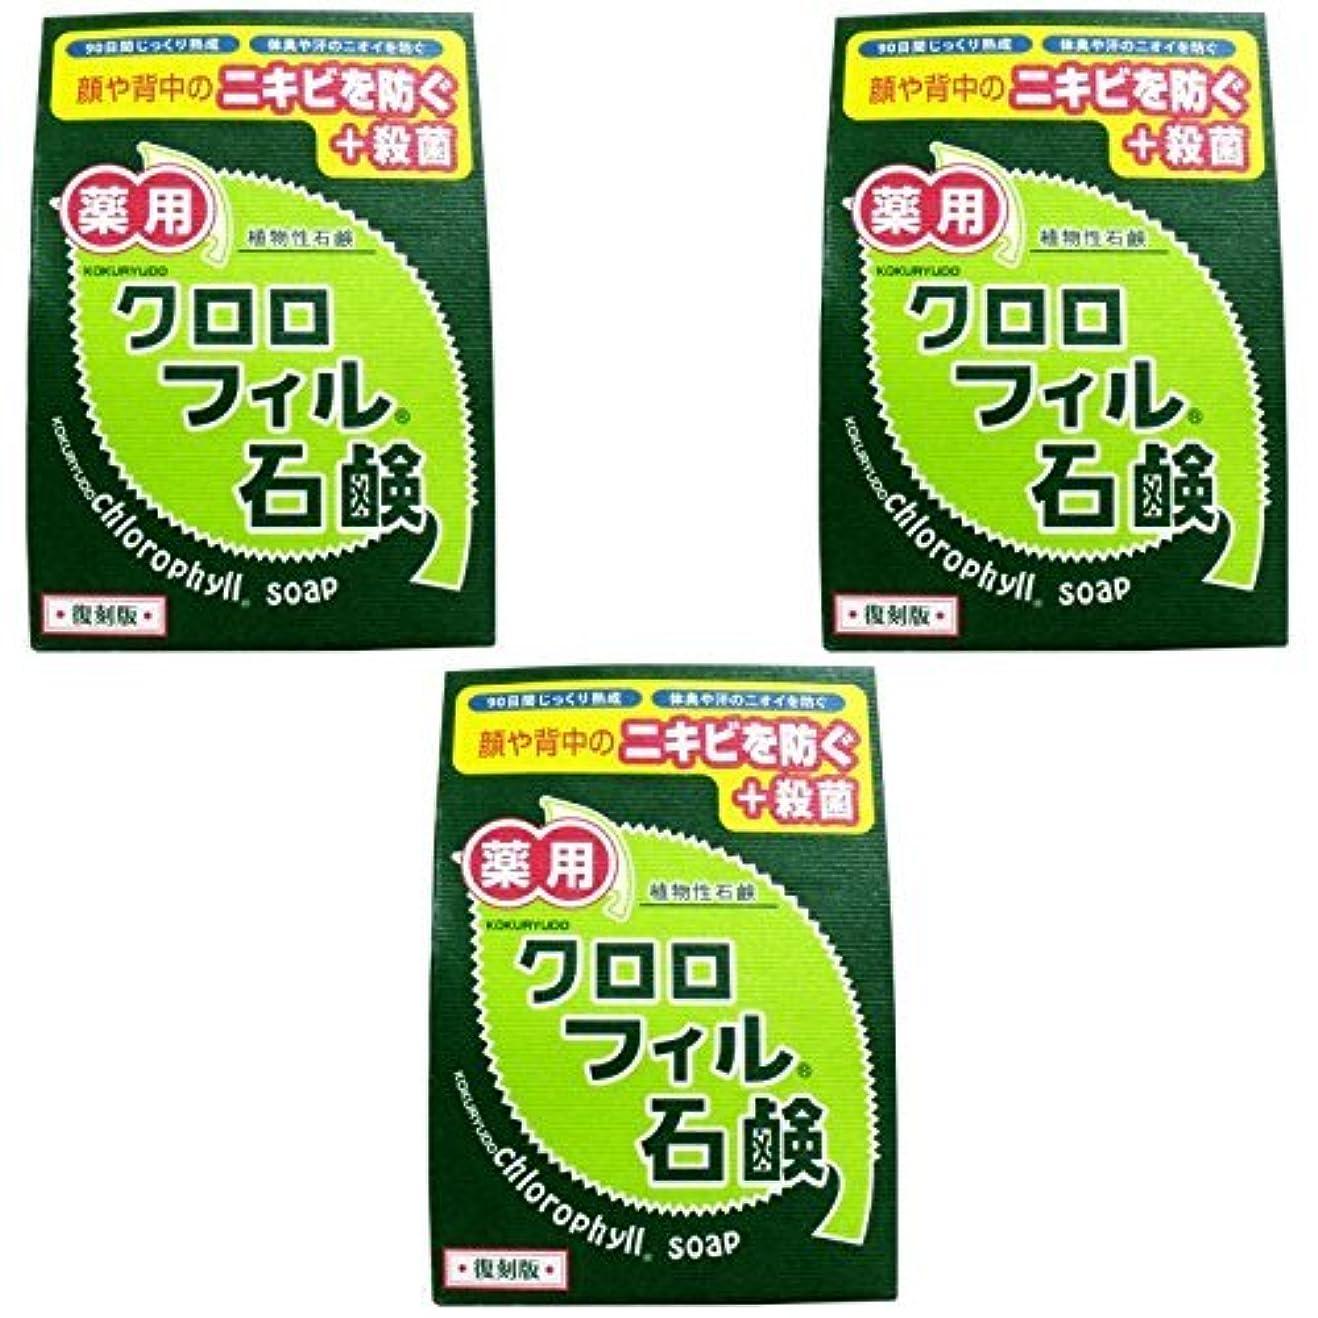 可決更新外観【まとめ買い】クロロフィル石鹸 復刻版 85g (医薬部外品)【×3個】